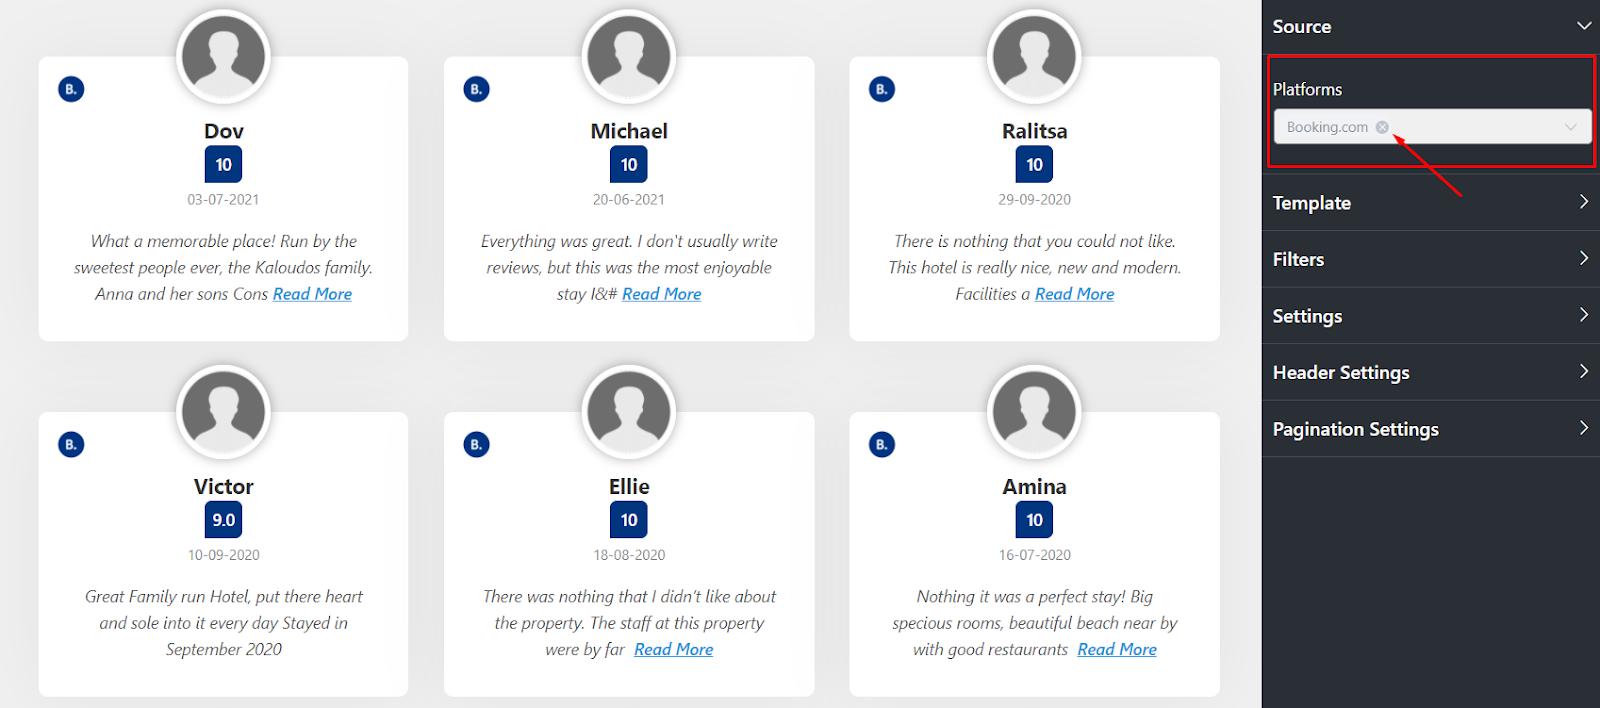 Booking.com reviews platforms